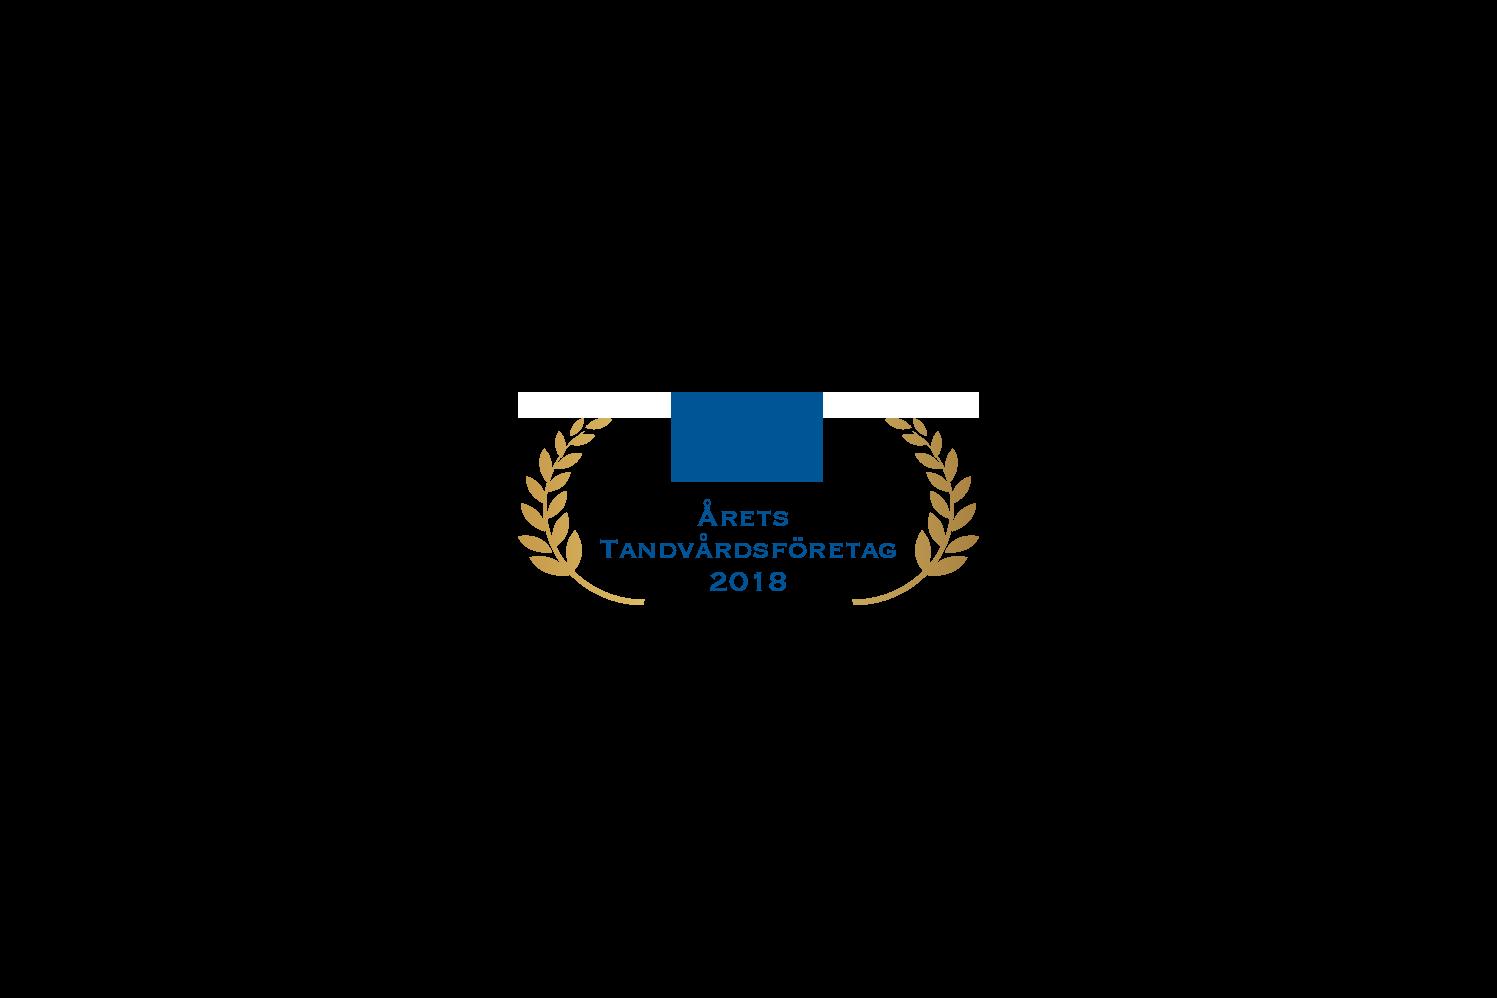 Wasa-arets-logo.png